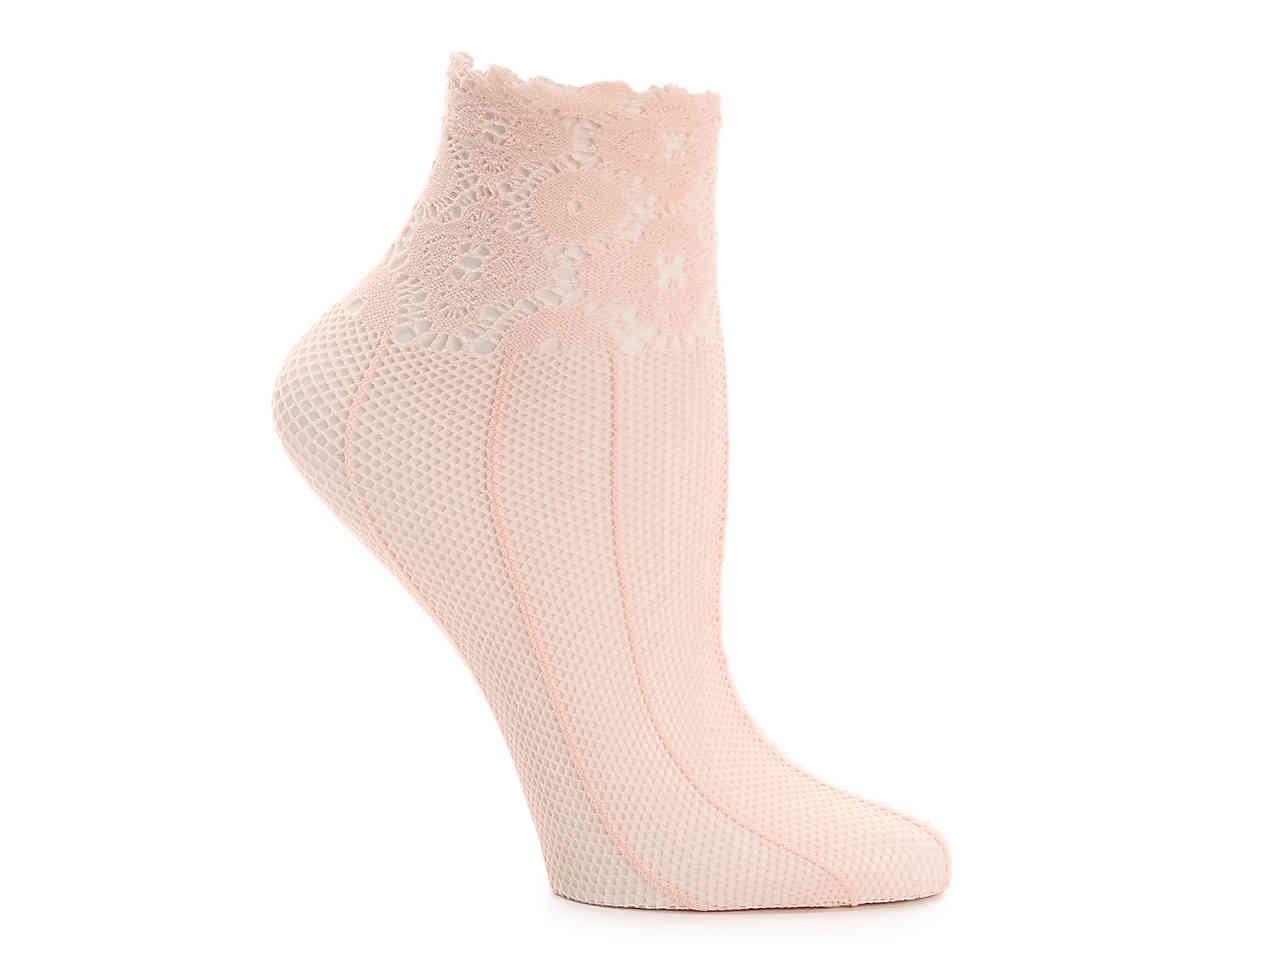 Lemon Lace Stripe Women's Ankle Socks Women's Handbags & Accessories | DSW